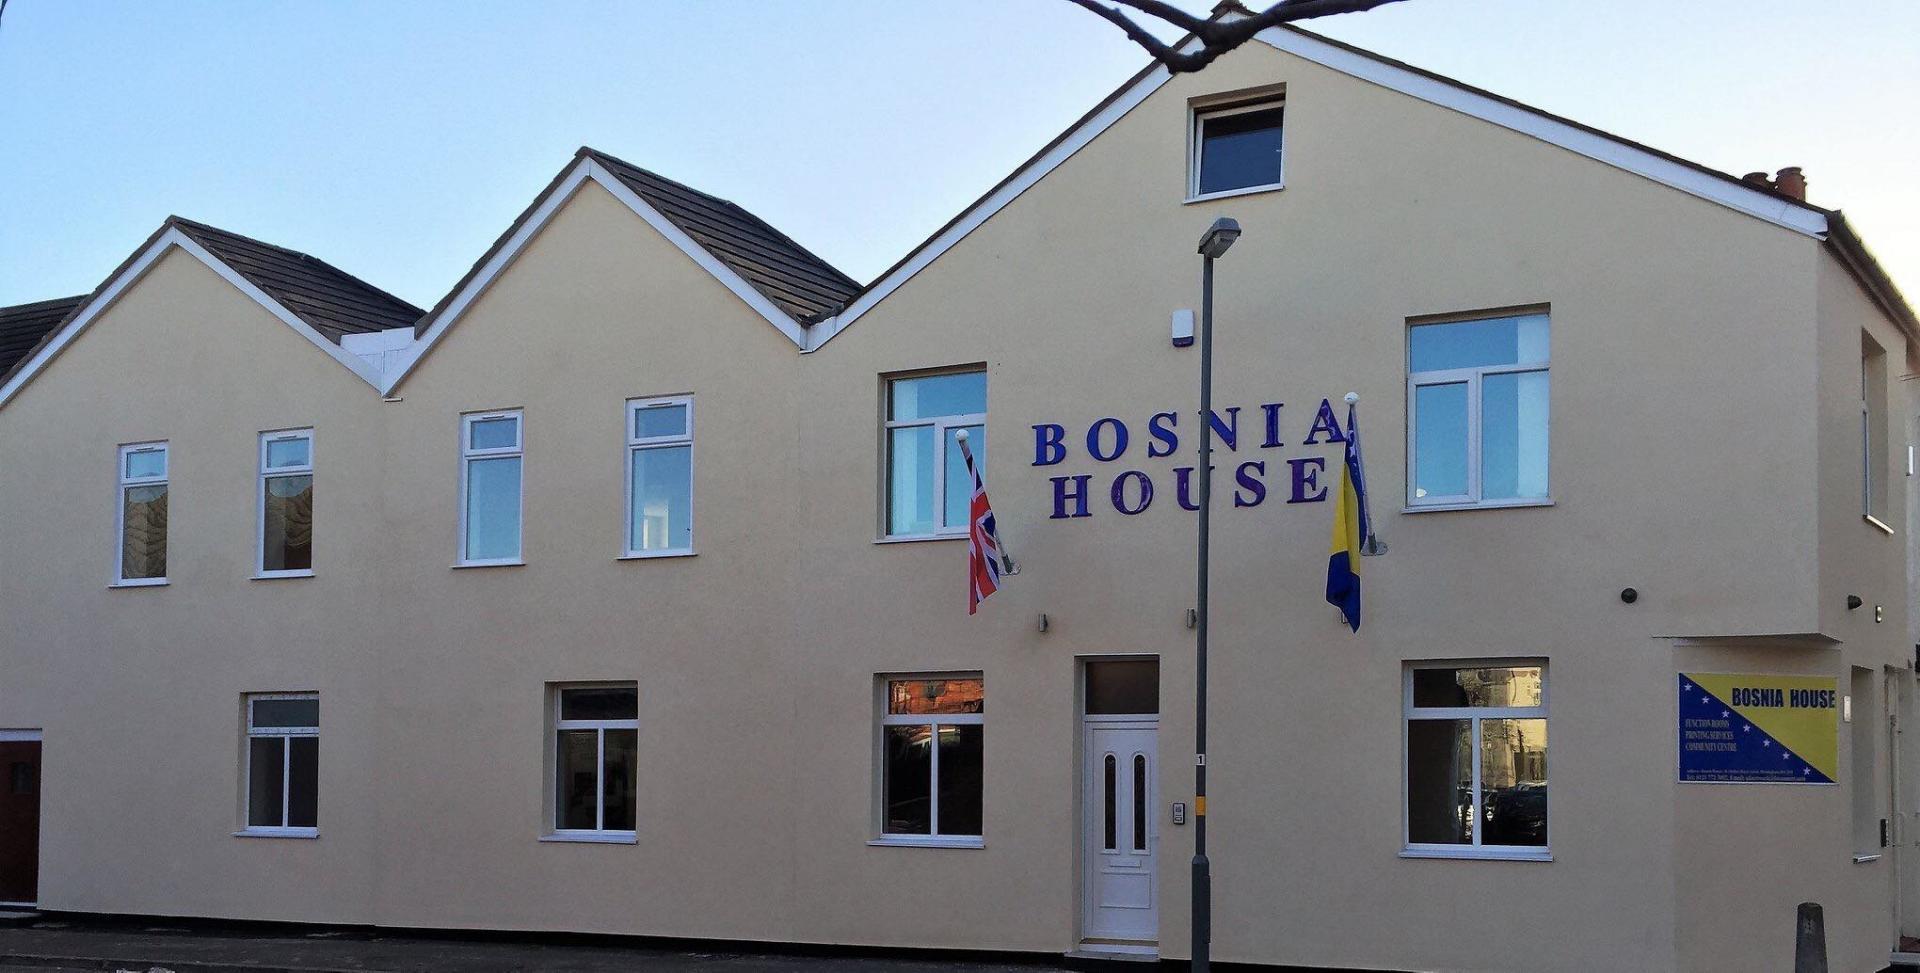 Historijski trenutak za bosansku zajednicu u Velikoj Britaniji